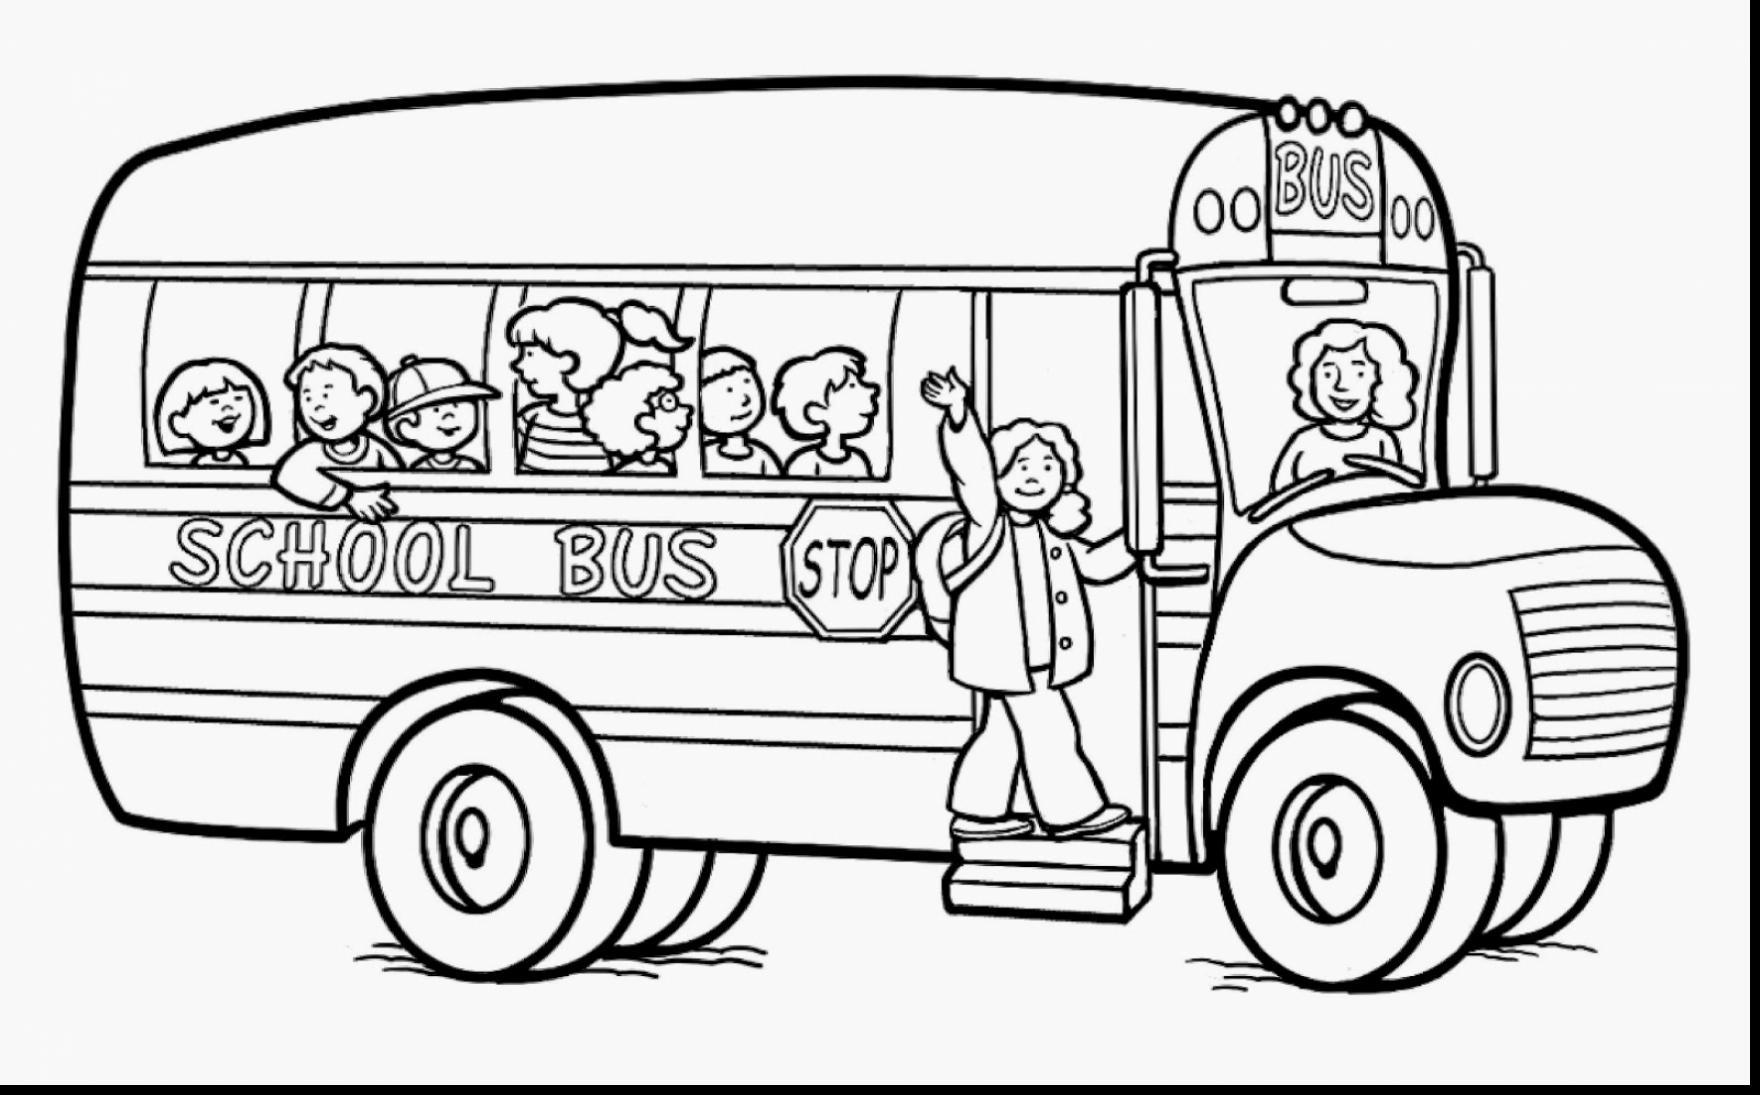 Magic School Bus Drawing At Getdrawings